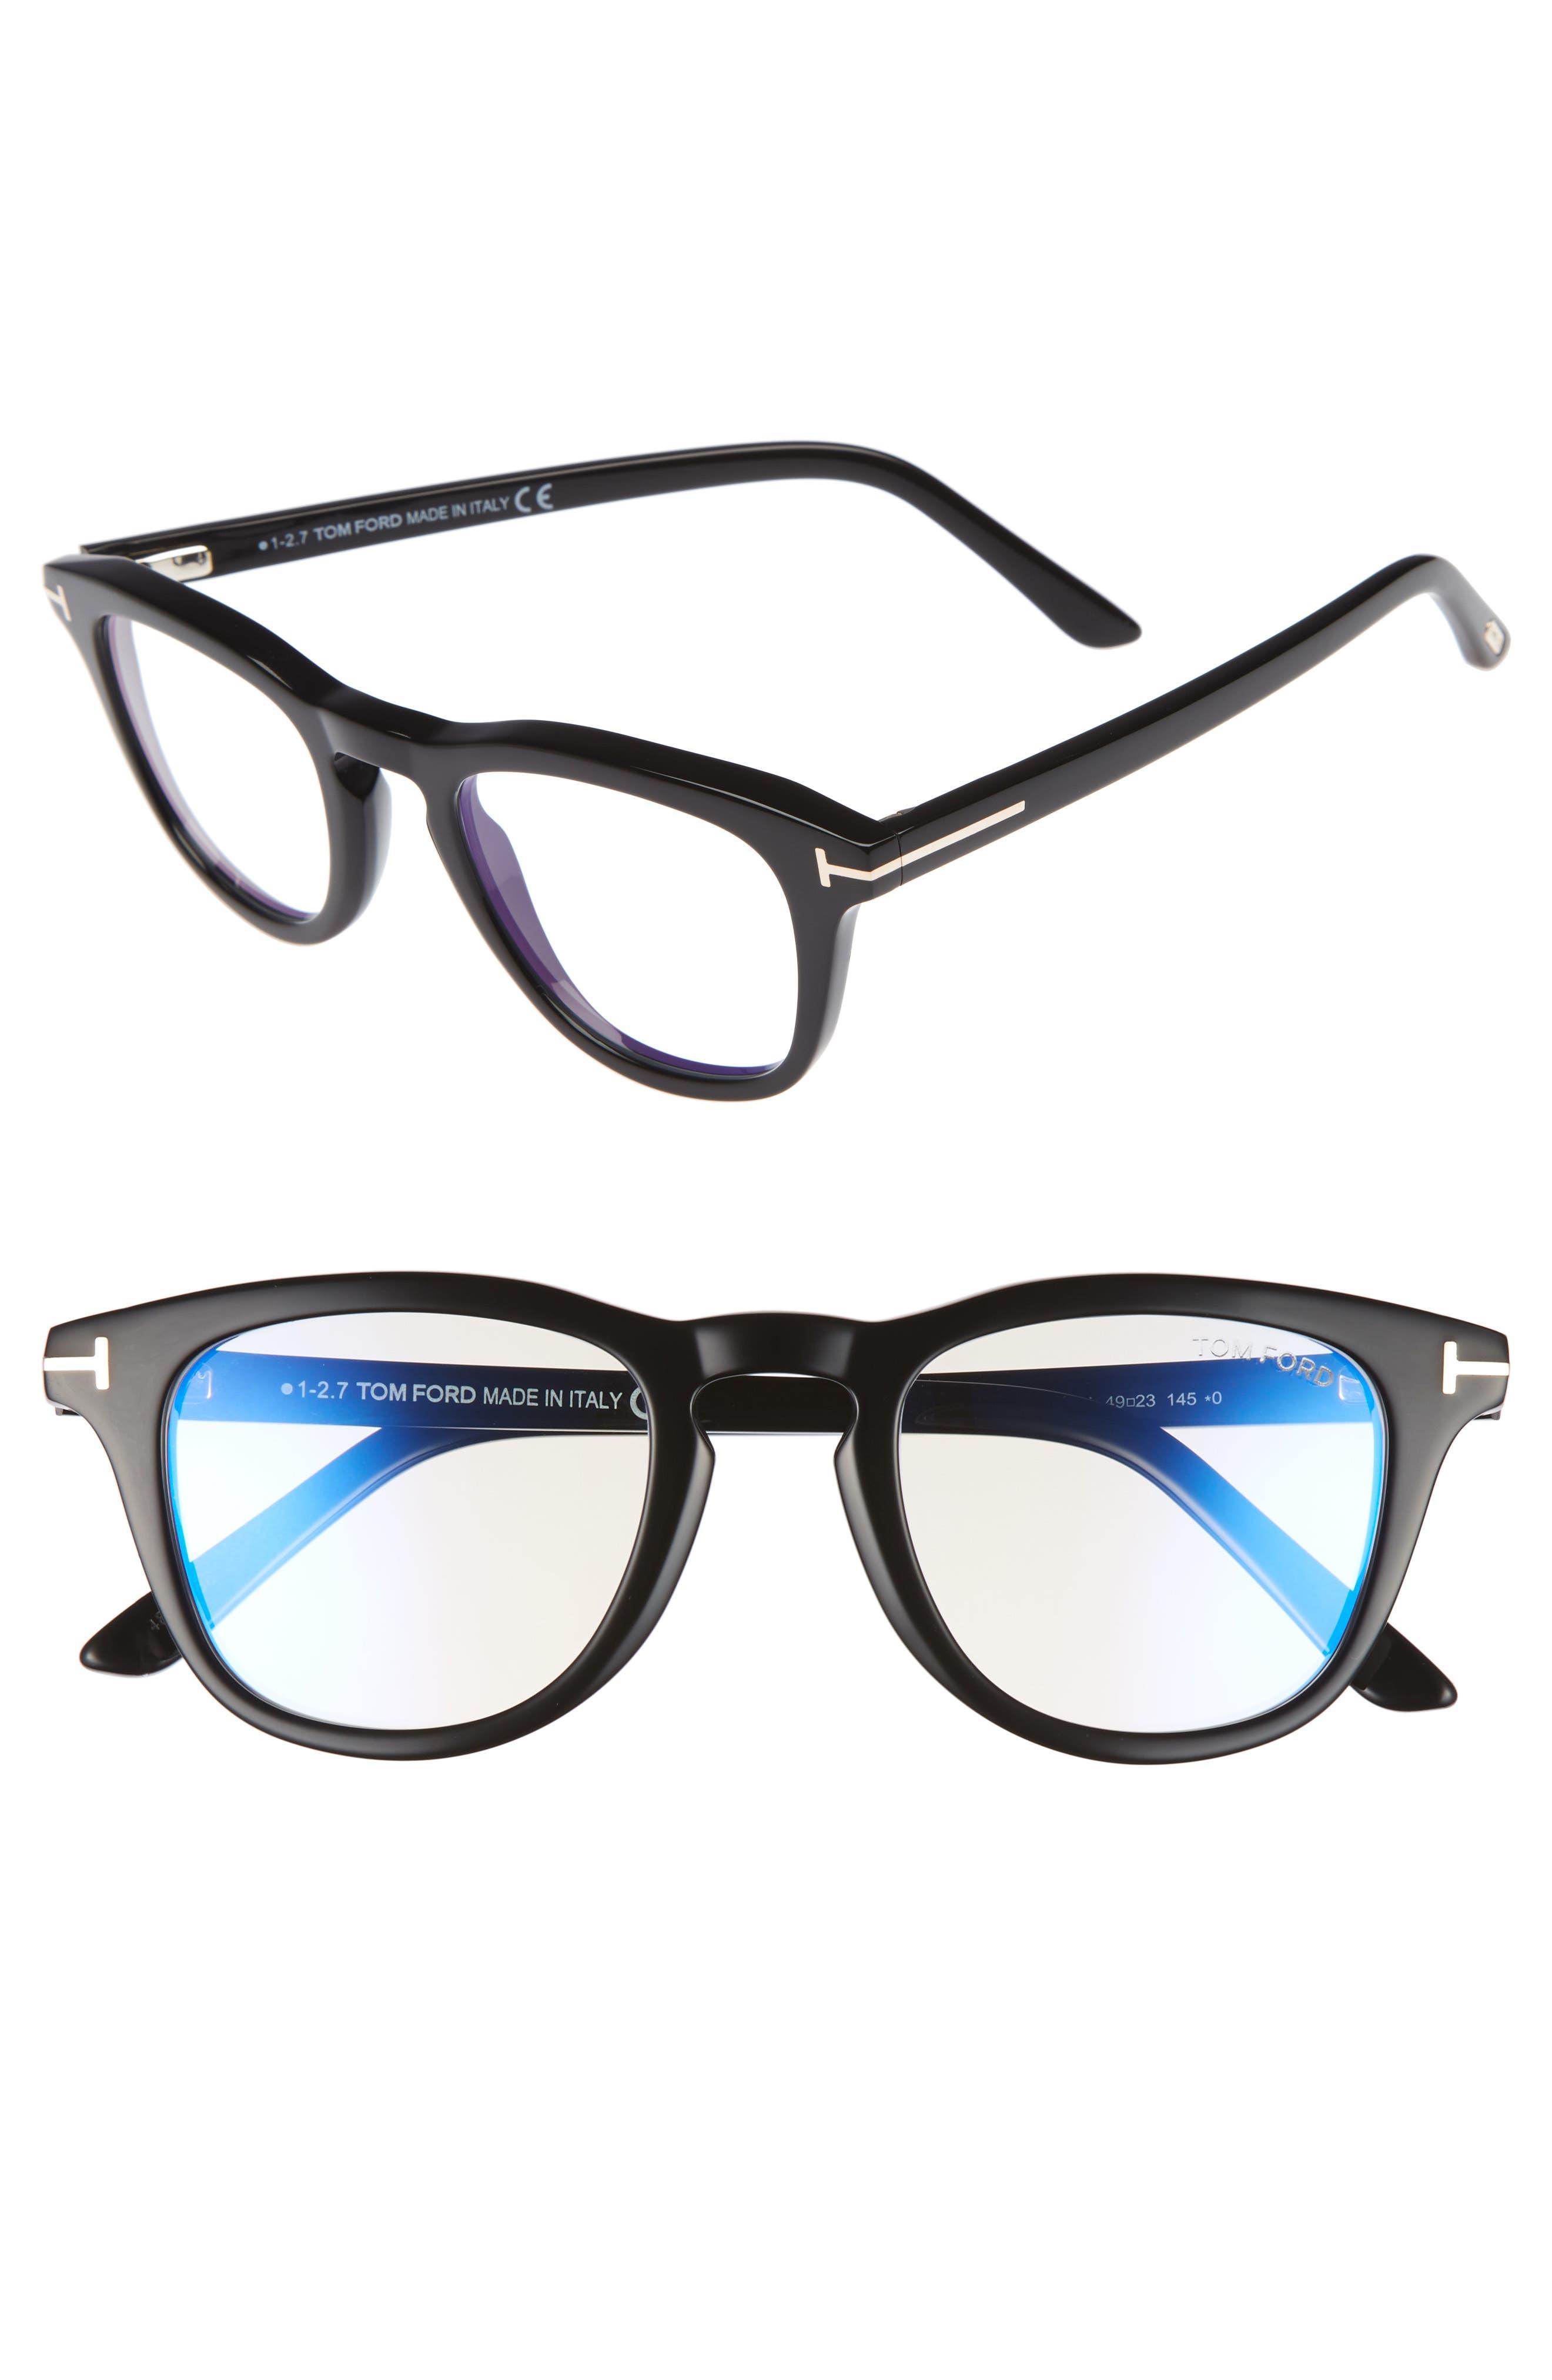 49mm Blue Block Optical Glasses,                             Main thumbnail 1, color,                             SHINY BLACK/ BLUE